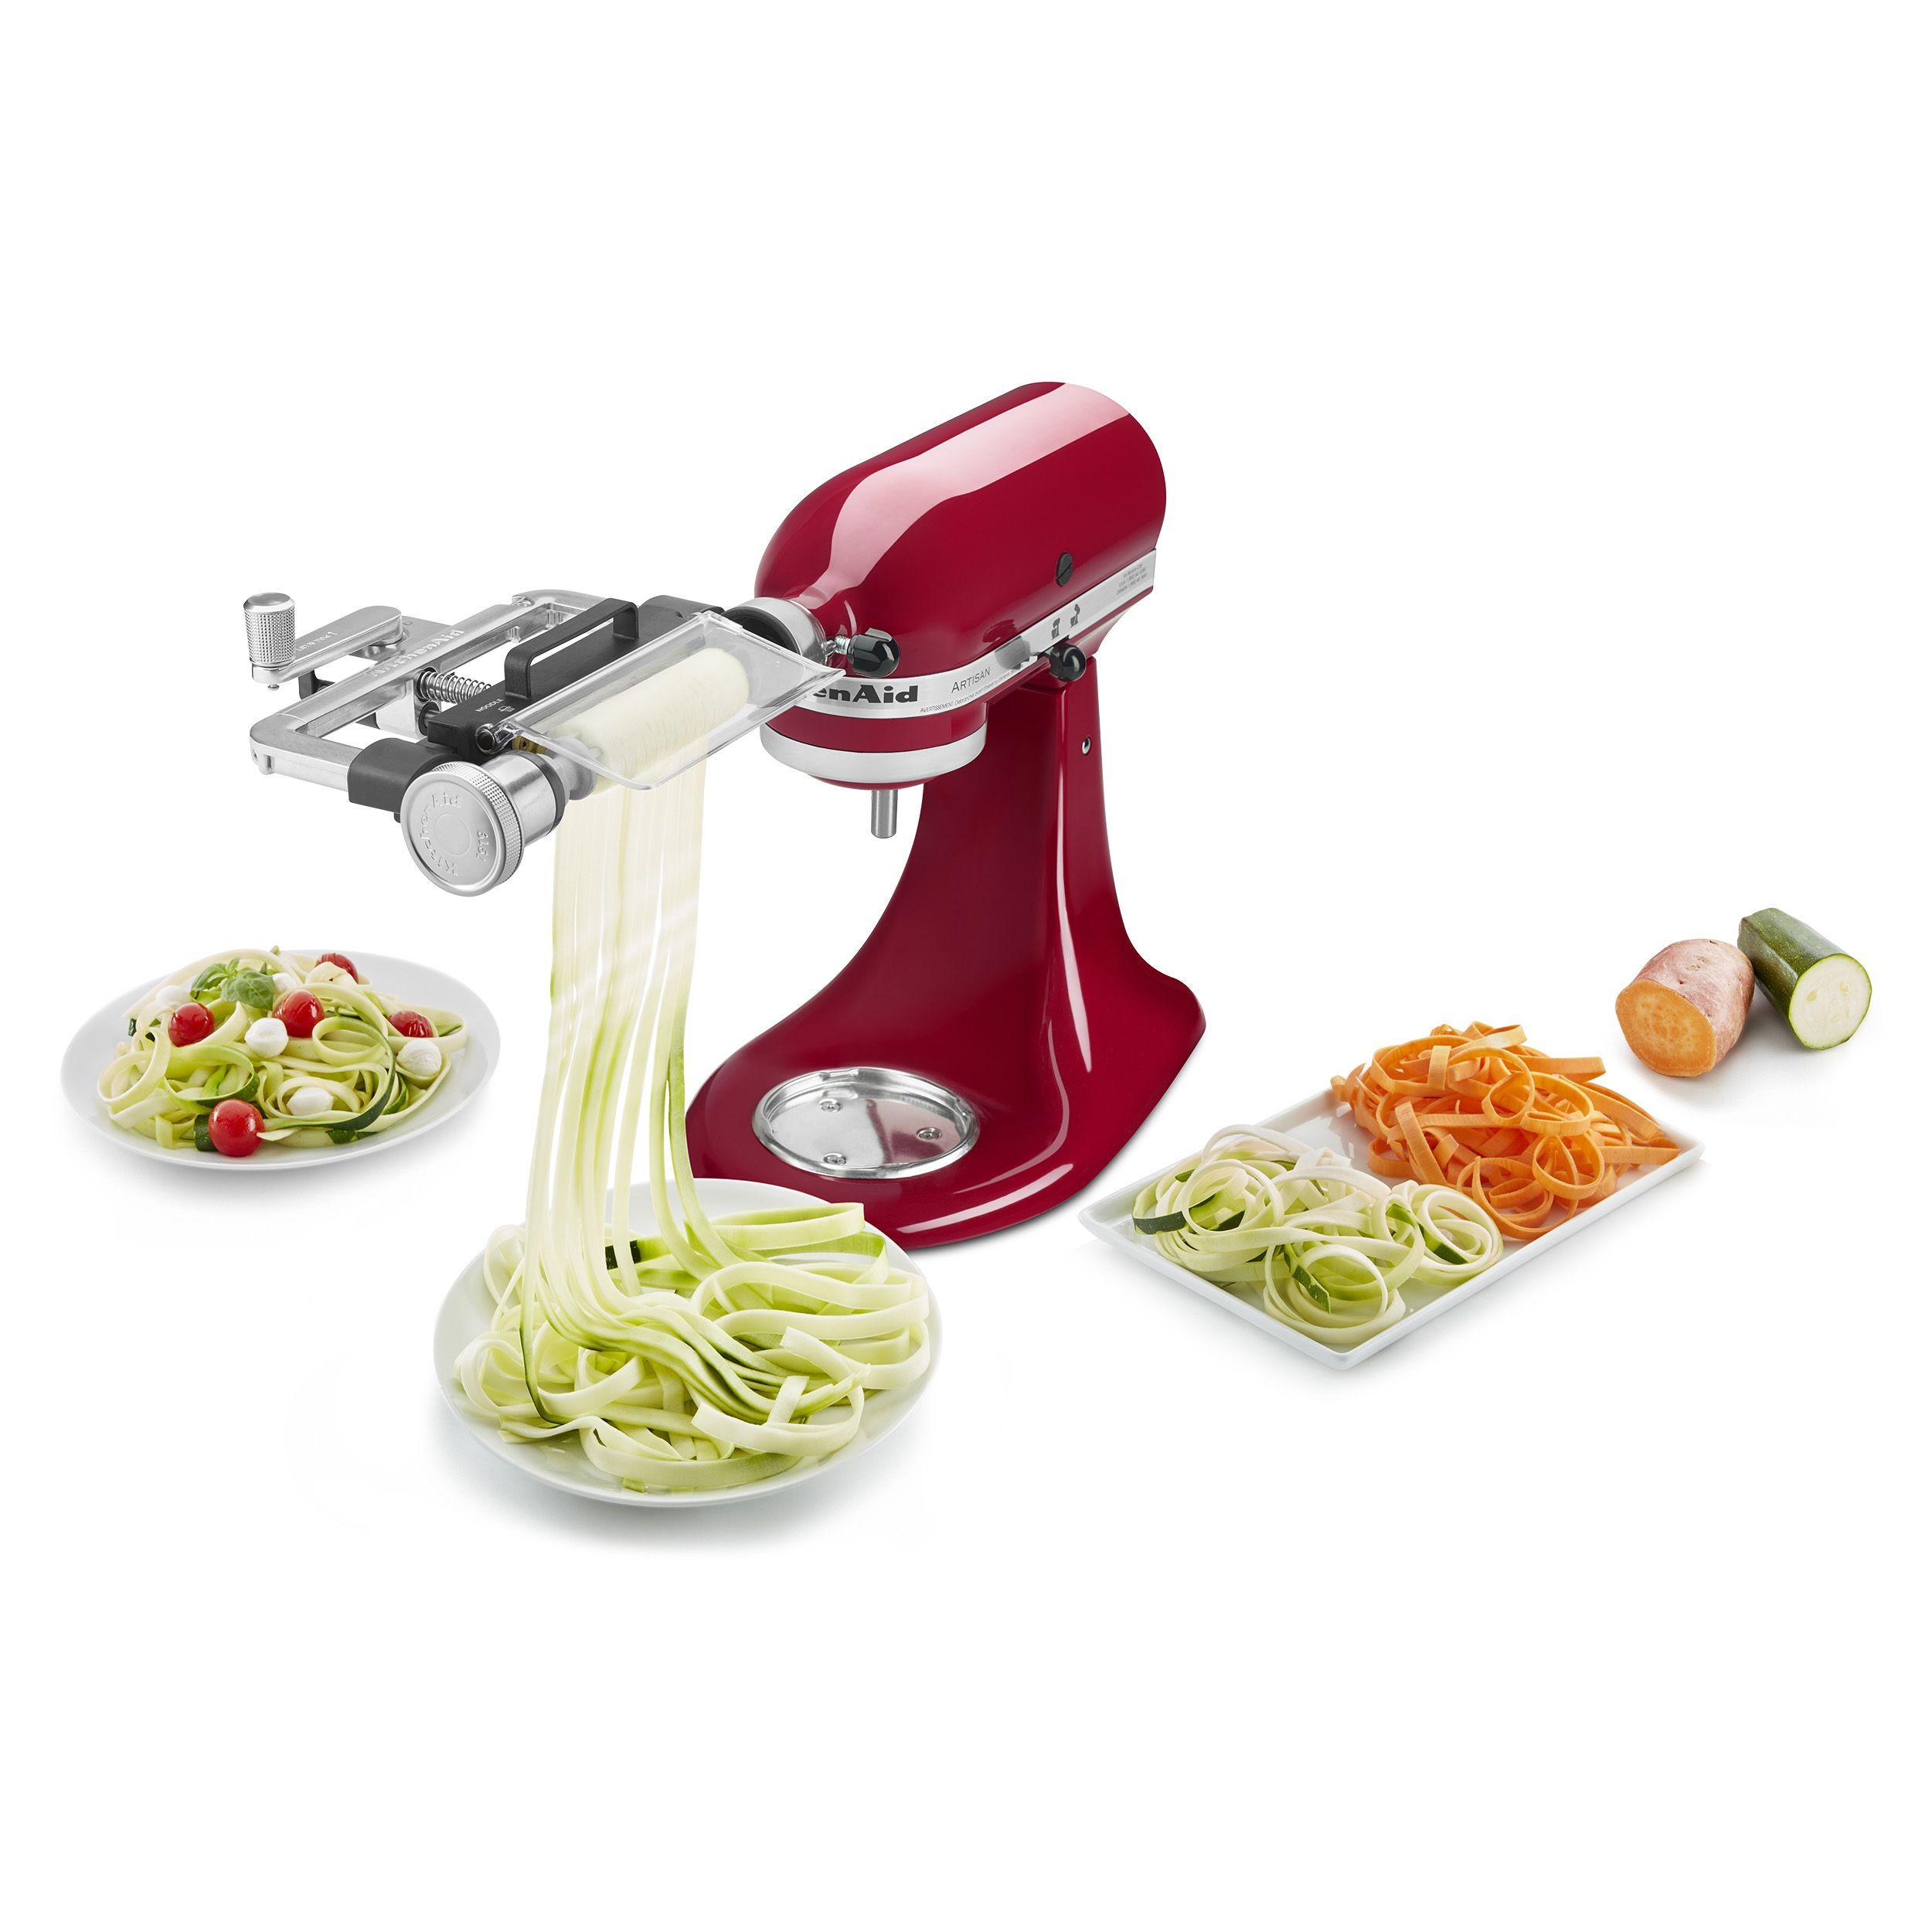 Home mixer accessories kitchen aid kitchen aid hand mixer